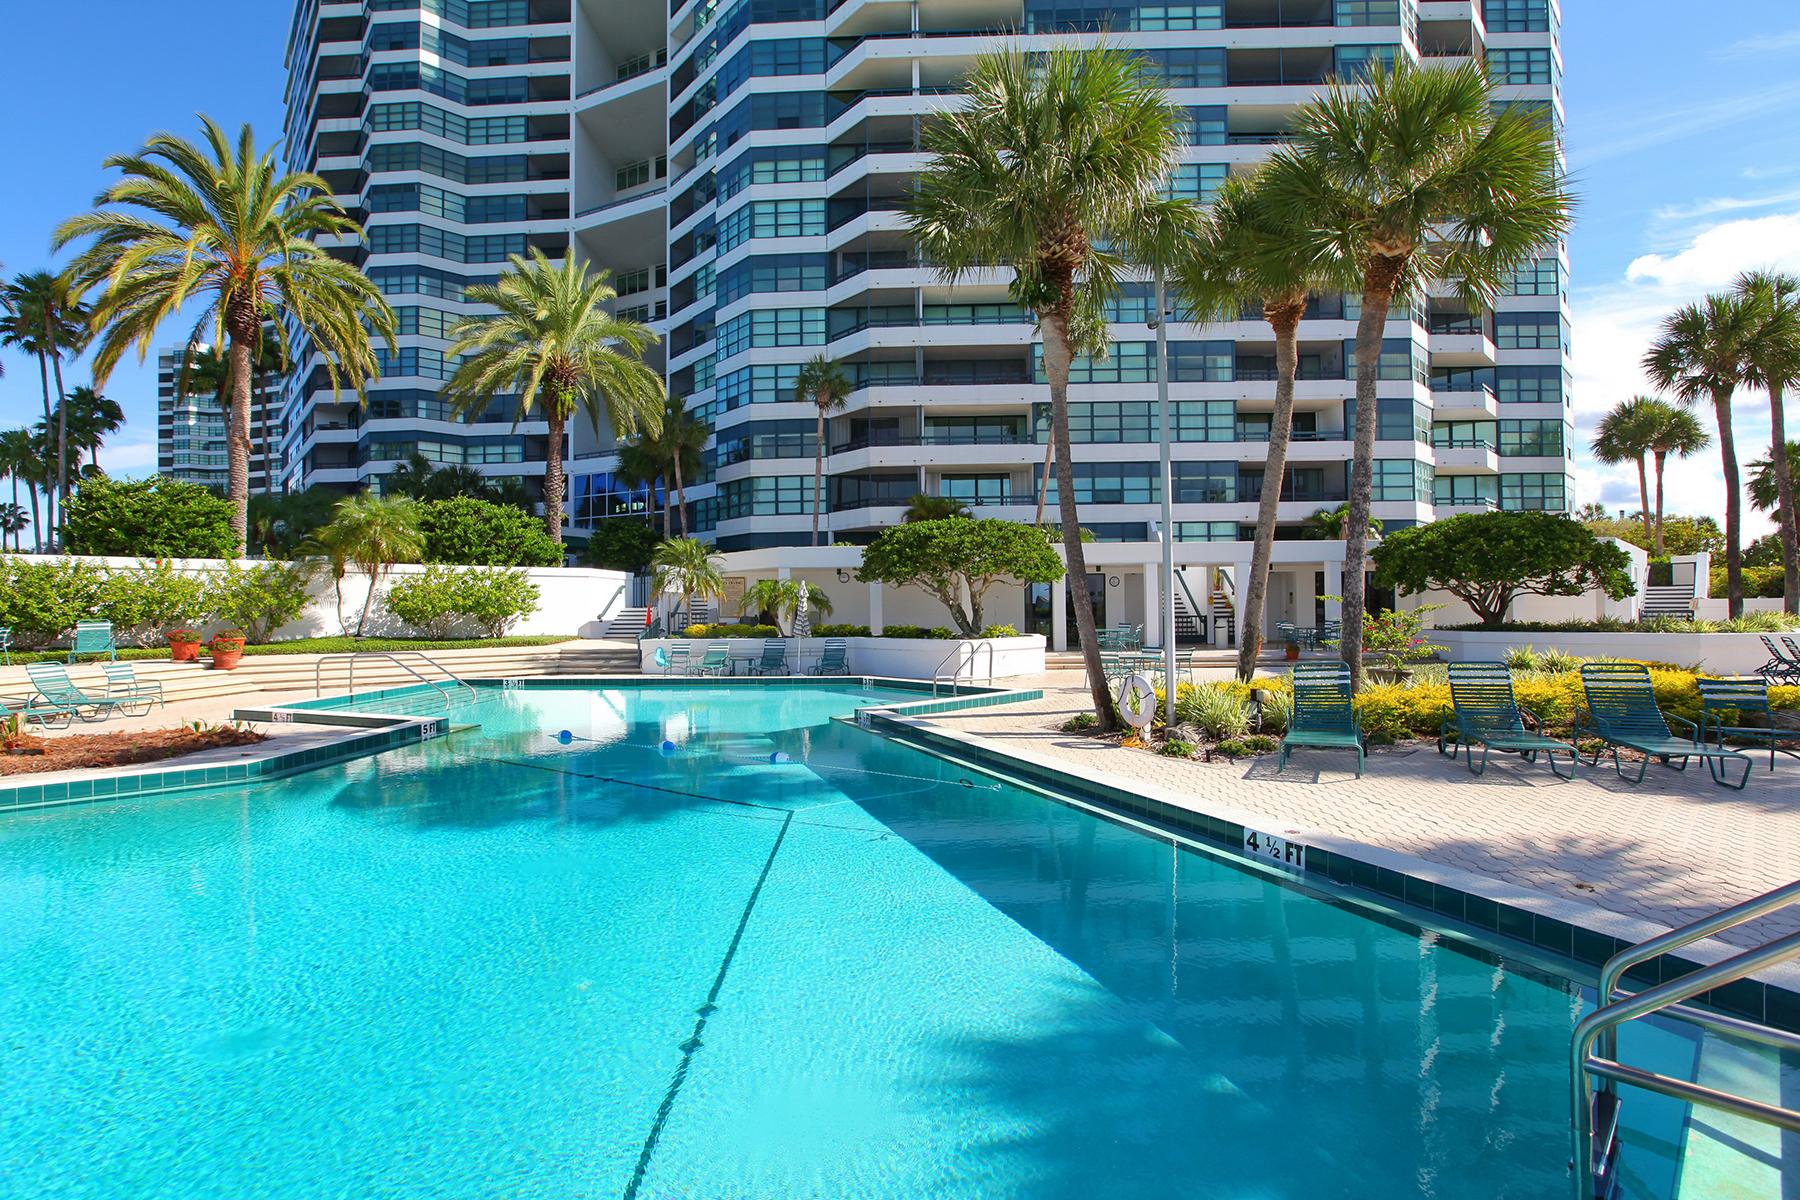 Condomínio para Venda às CONDO ON THE BAY 888 Blvd Of The Arts 1901, 1902, Sarasota, Florida, 34236 Estados Unidos